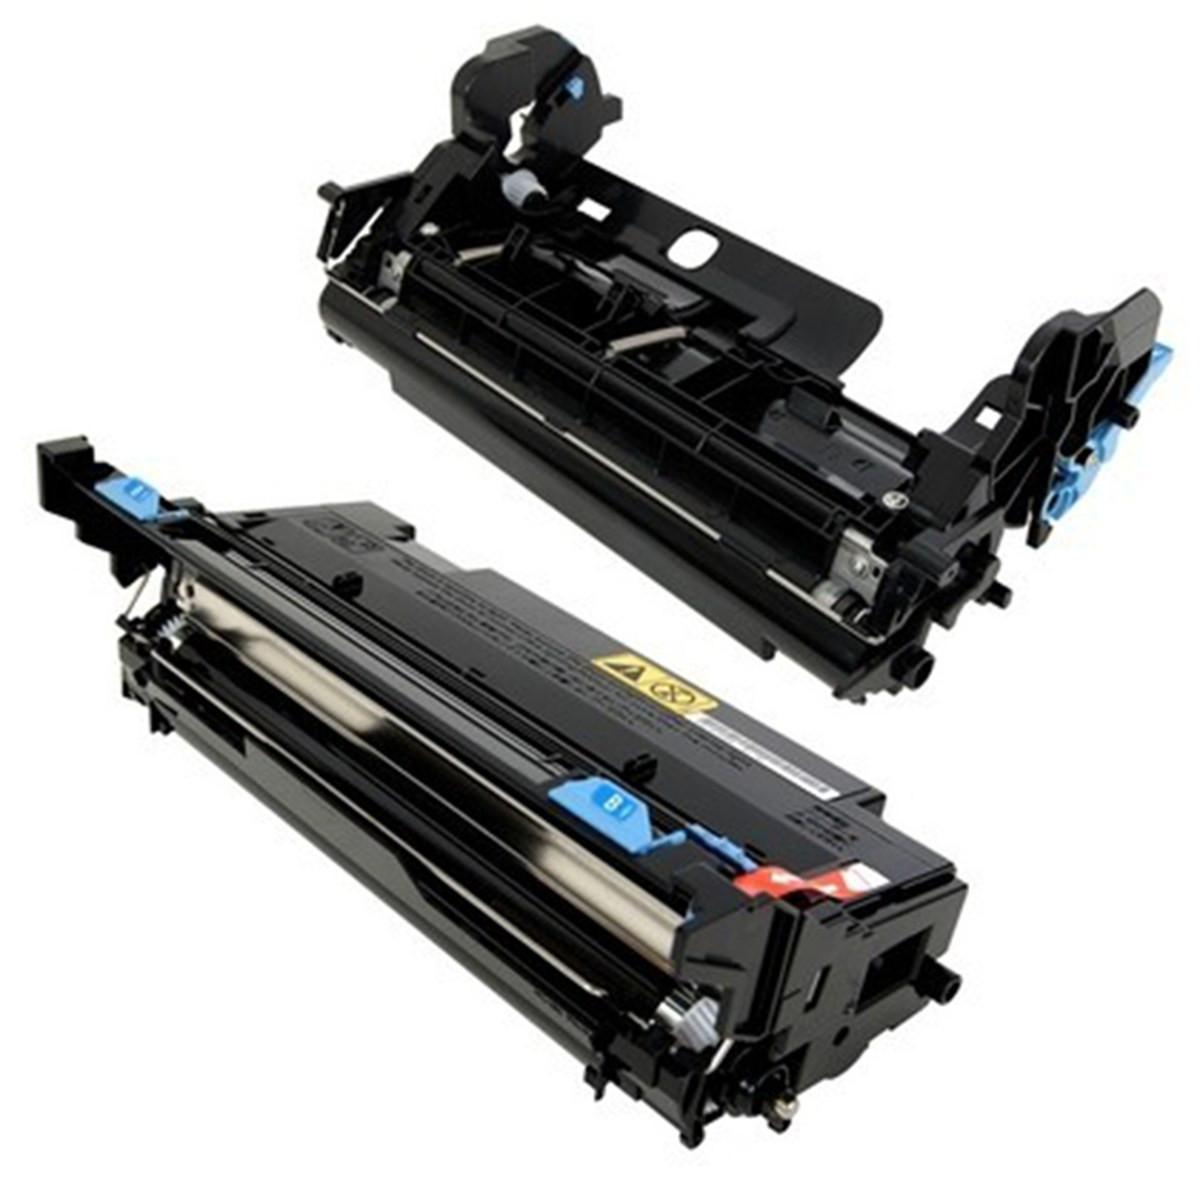 Kit Manutenção Kyocera Ecosys M2040 M2040DN M2640 M2640DW M2640IDW M2640IDL MK-1175   Original 100k